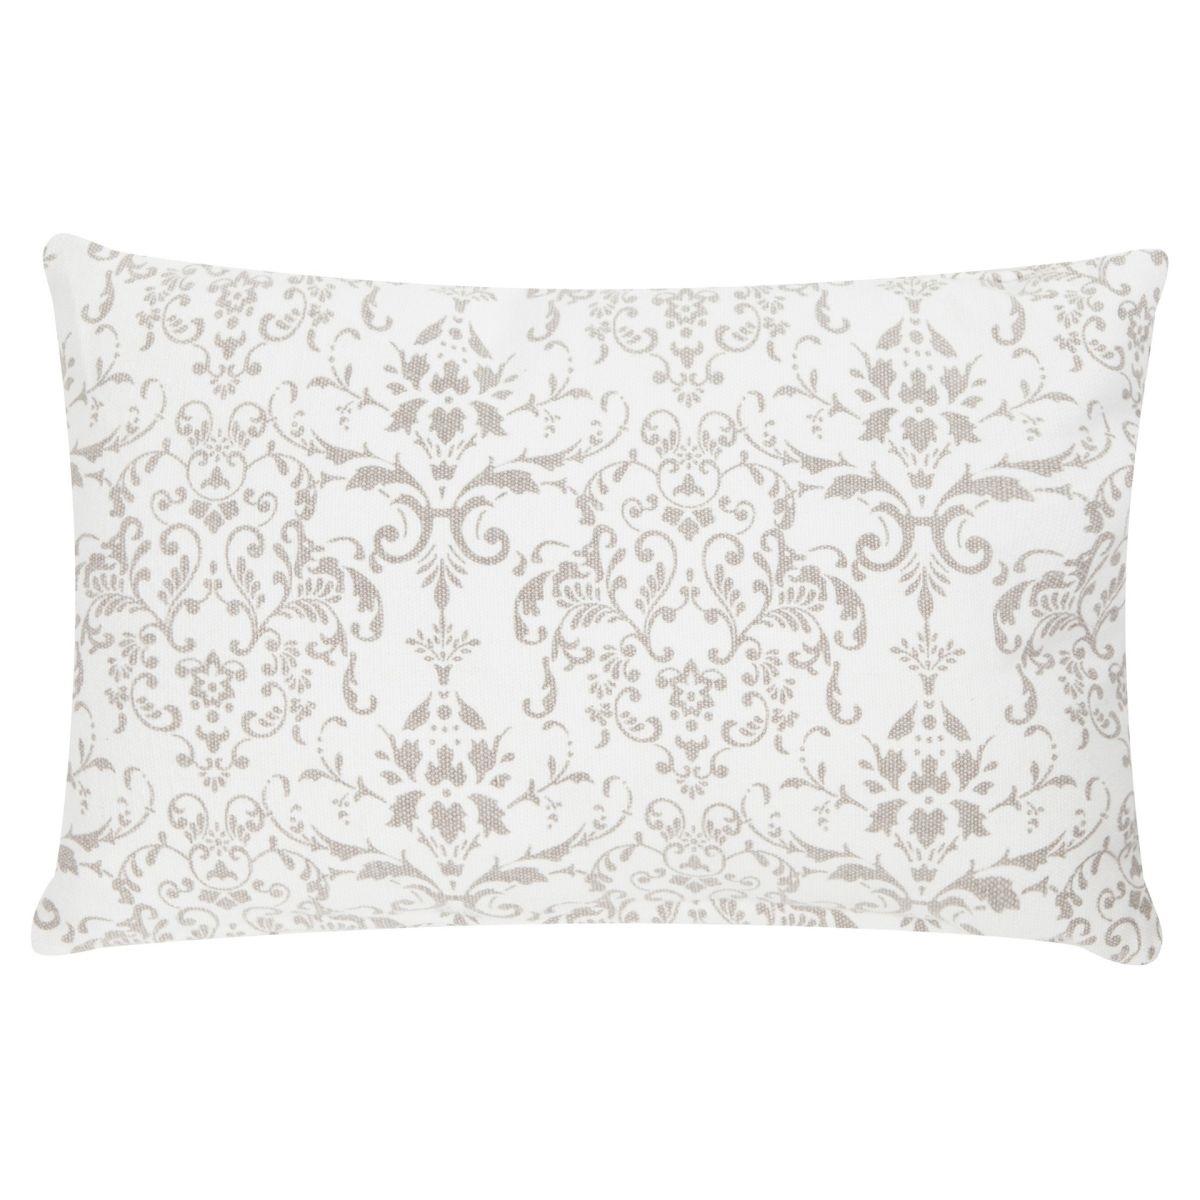 Poduszka z poszewką Stonewash beżowo-biała 30x50 cm